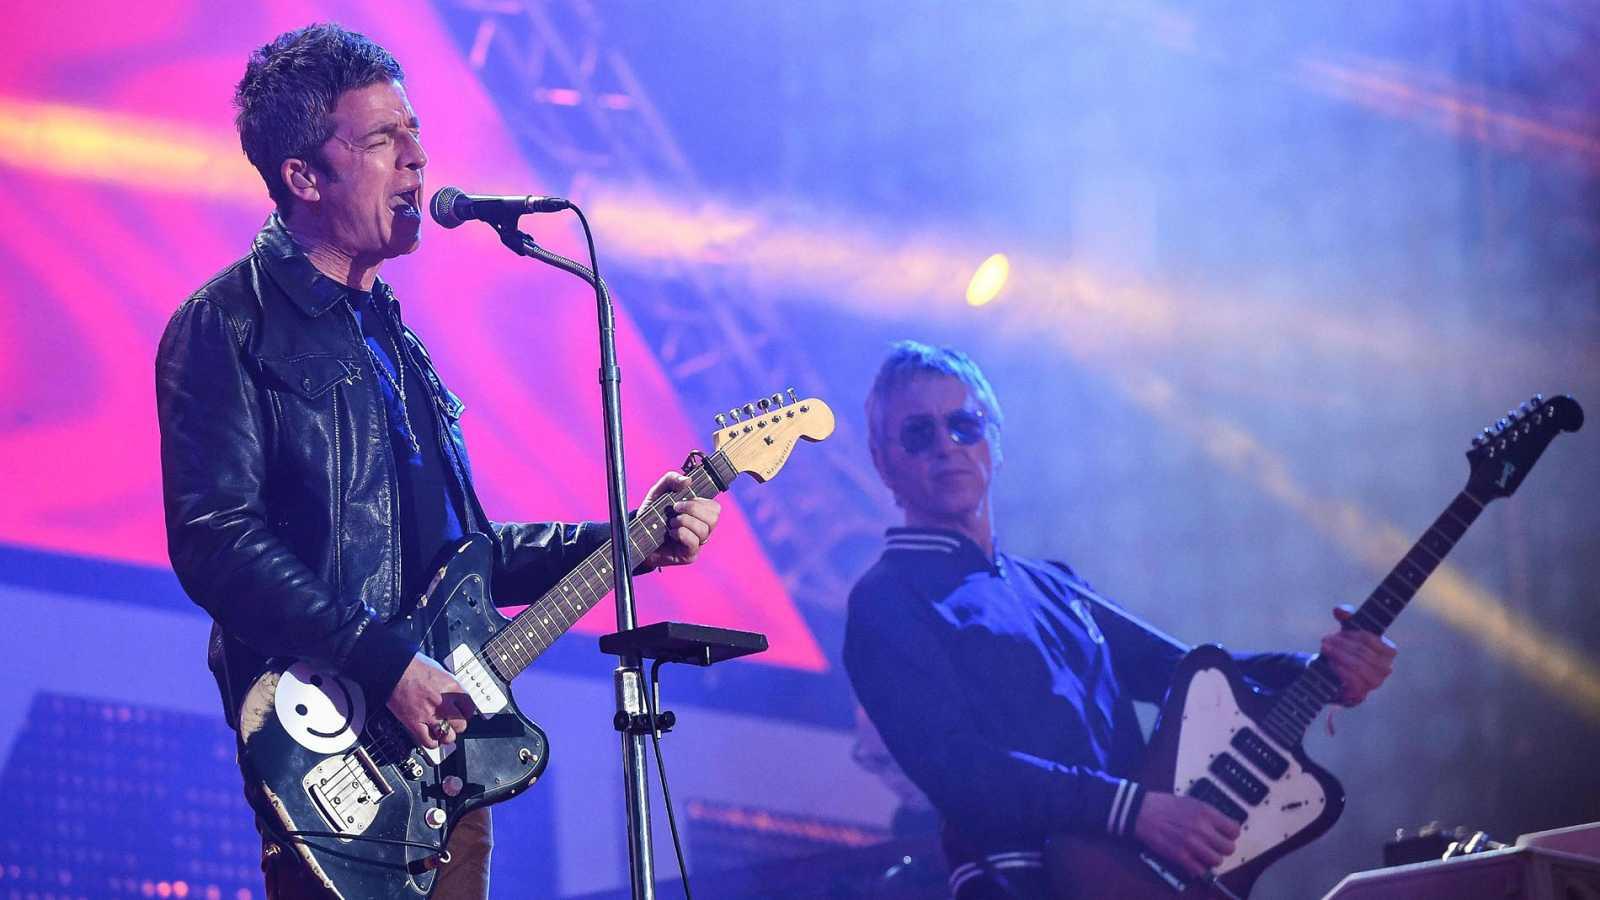 """Noel Gallagher: """"¿Reggaeton? ¿Qué es eso?¿Un tipo de música?"""""""